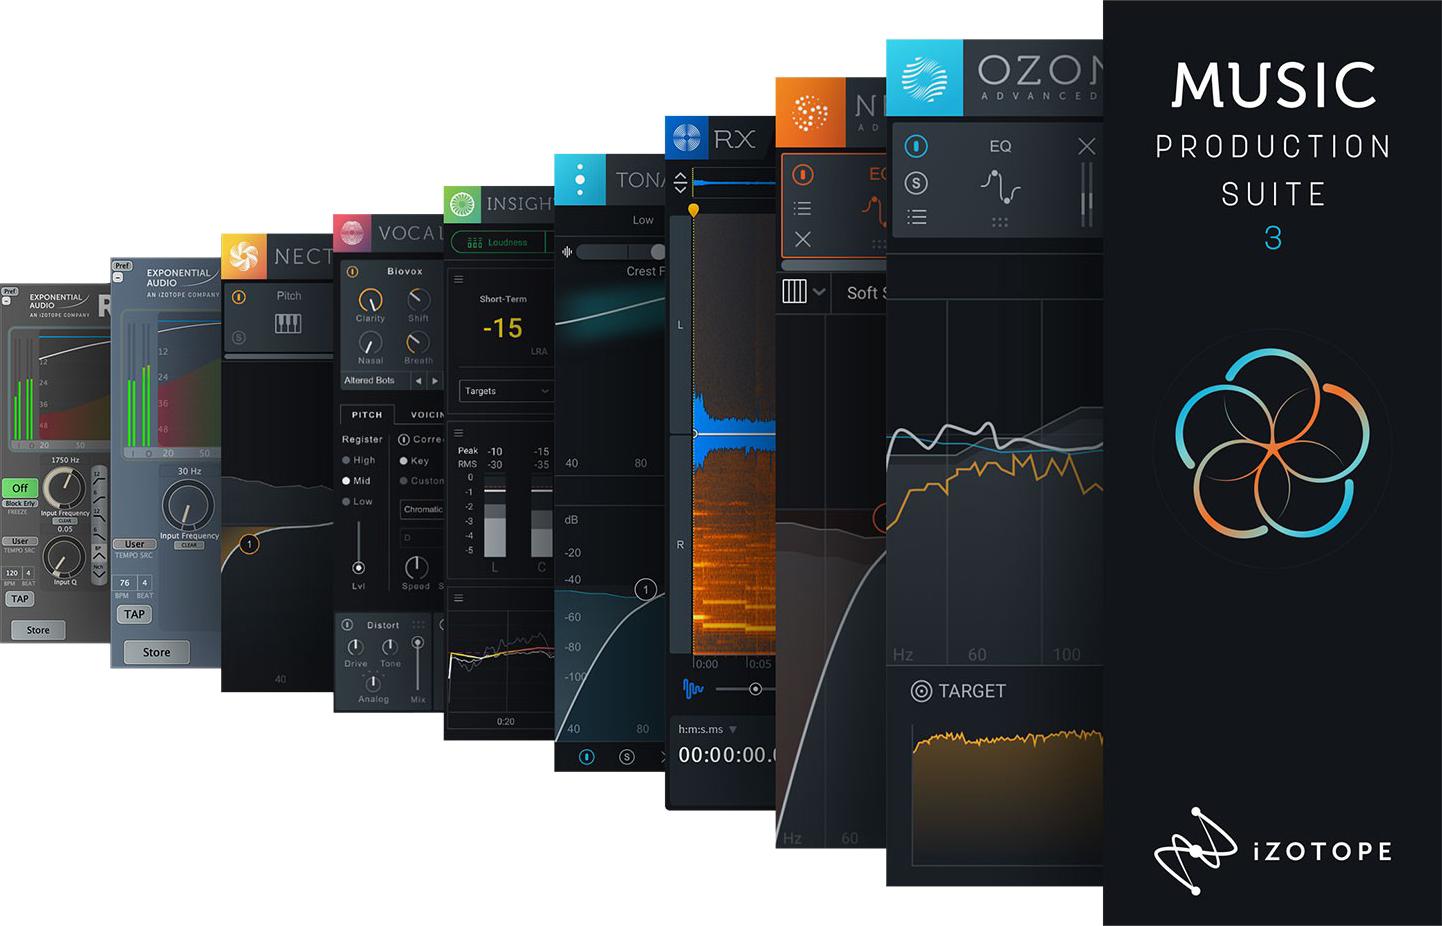 【最大68%OFF】iZotope Music Production Suite 3 がアップグレードセール中!